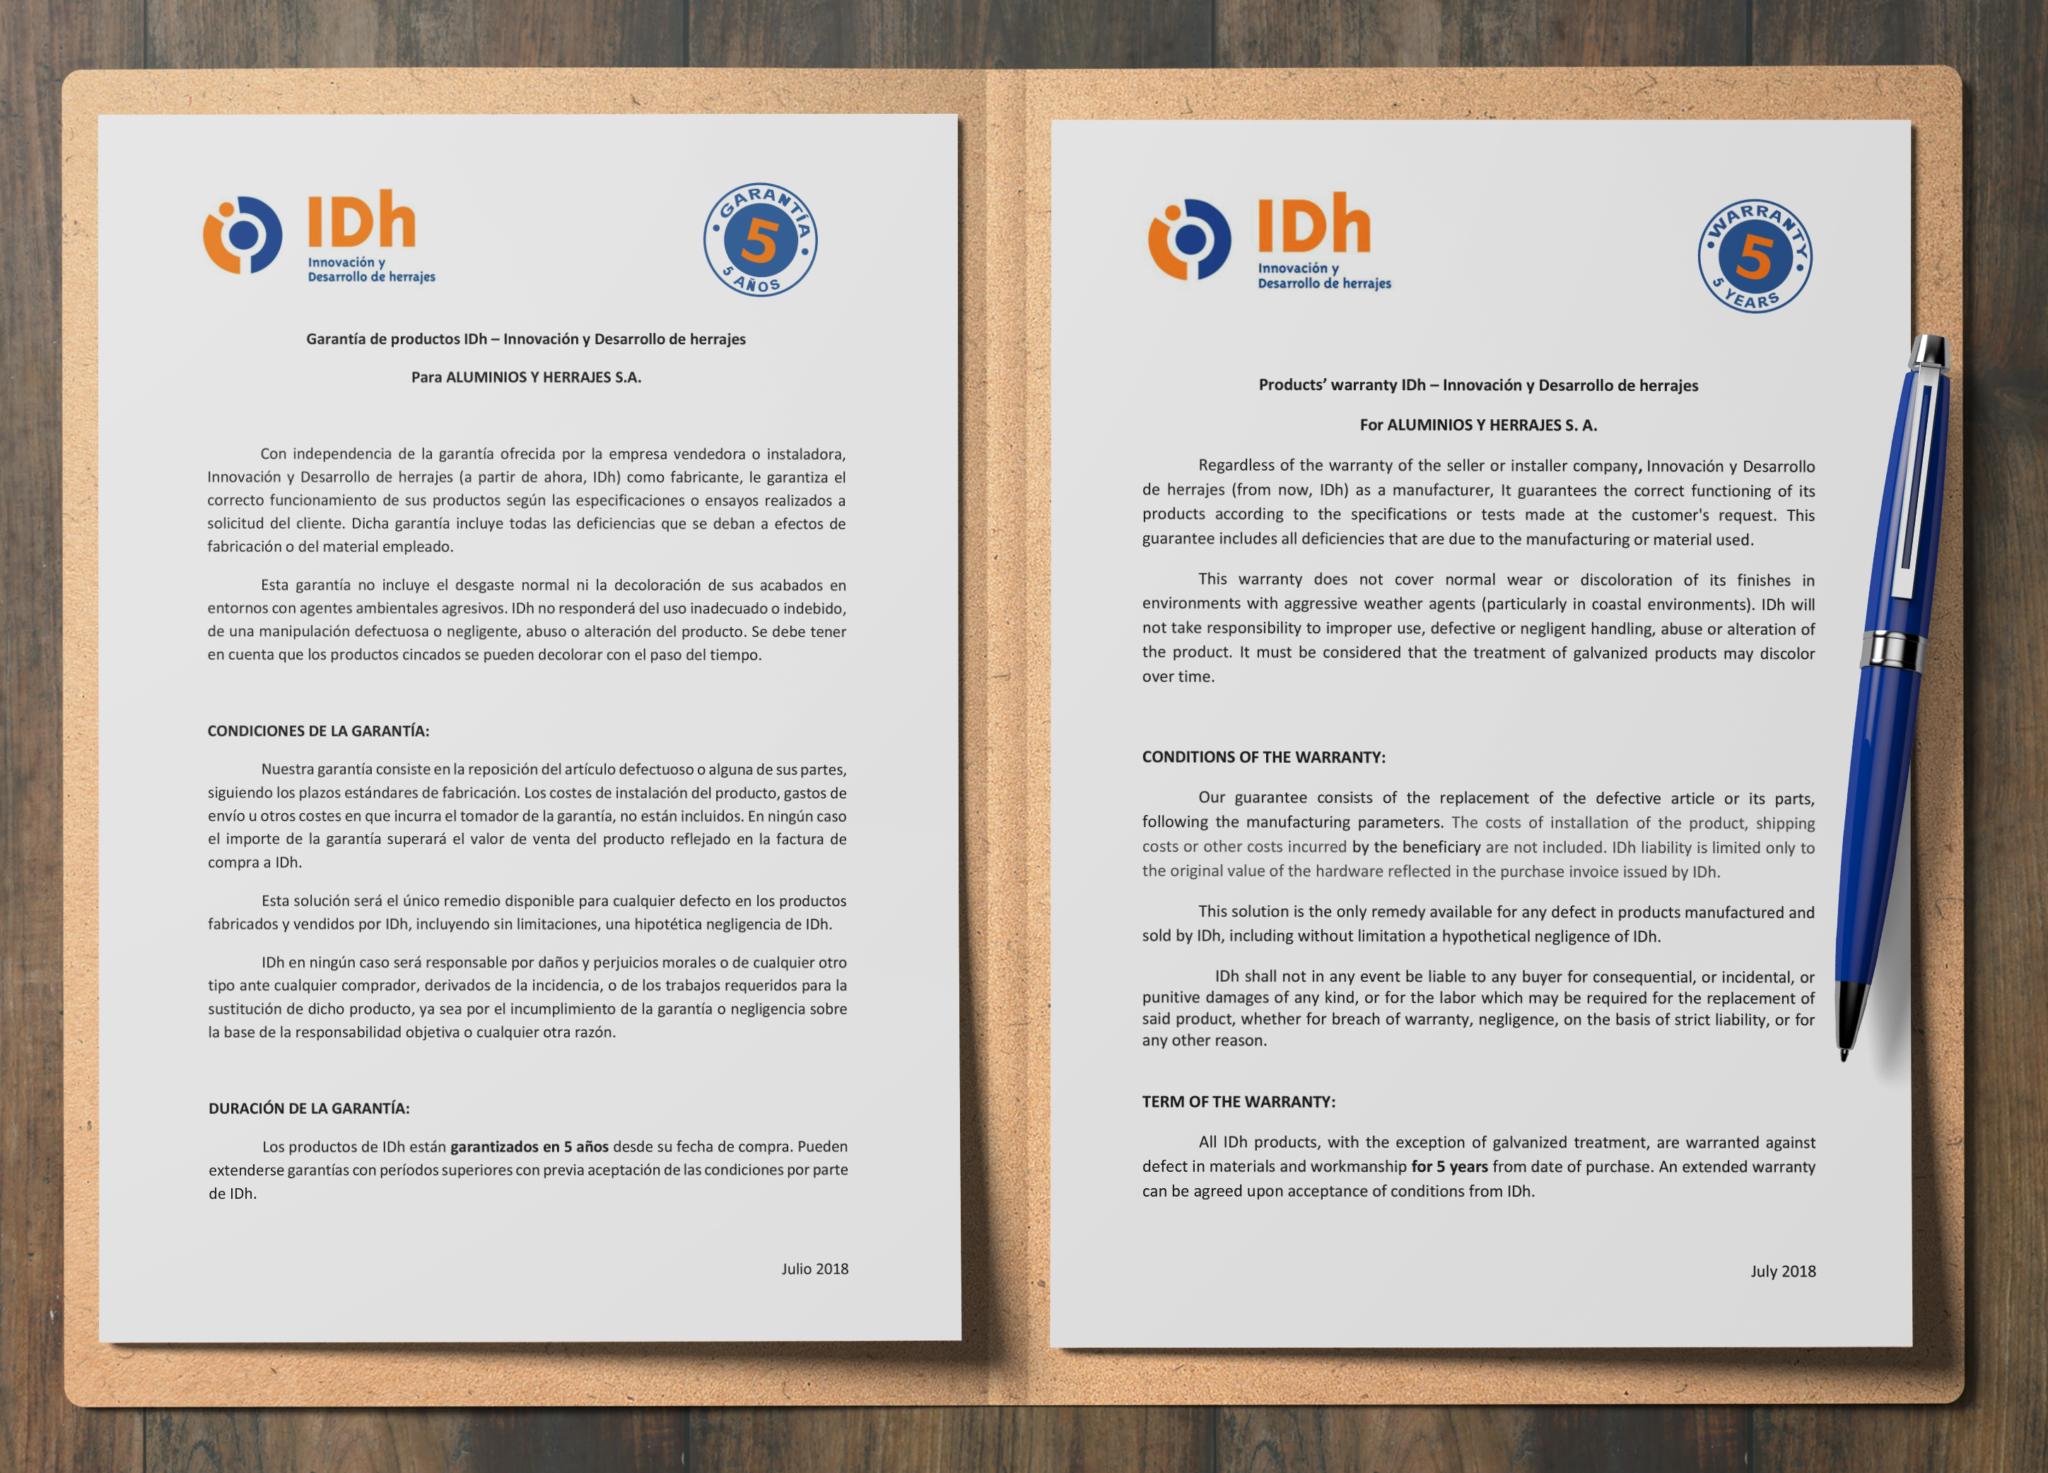 IDh carta calidad 5 años de garantía